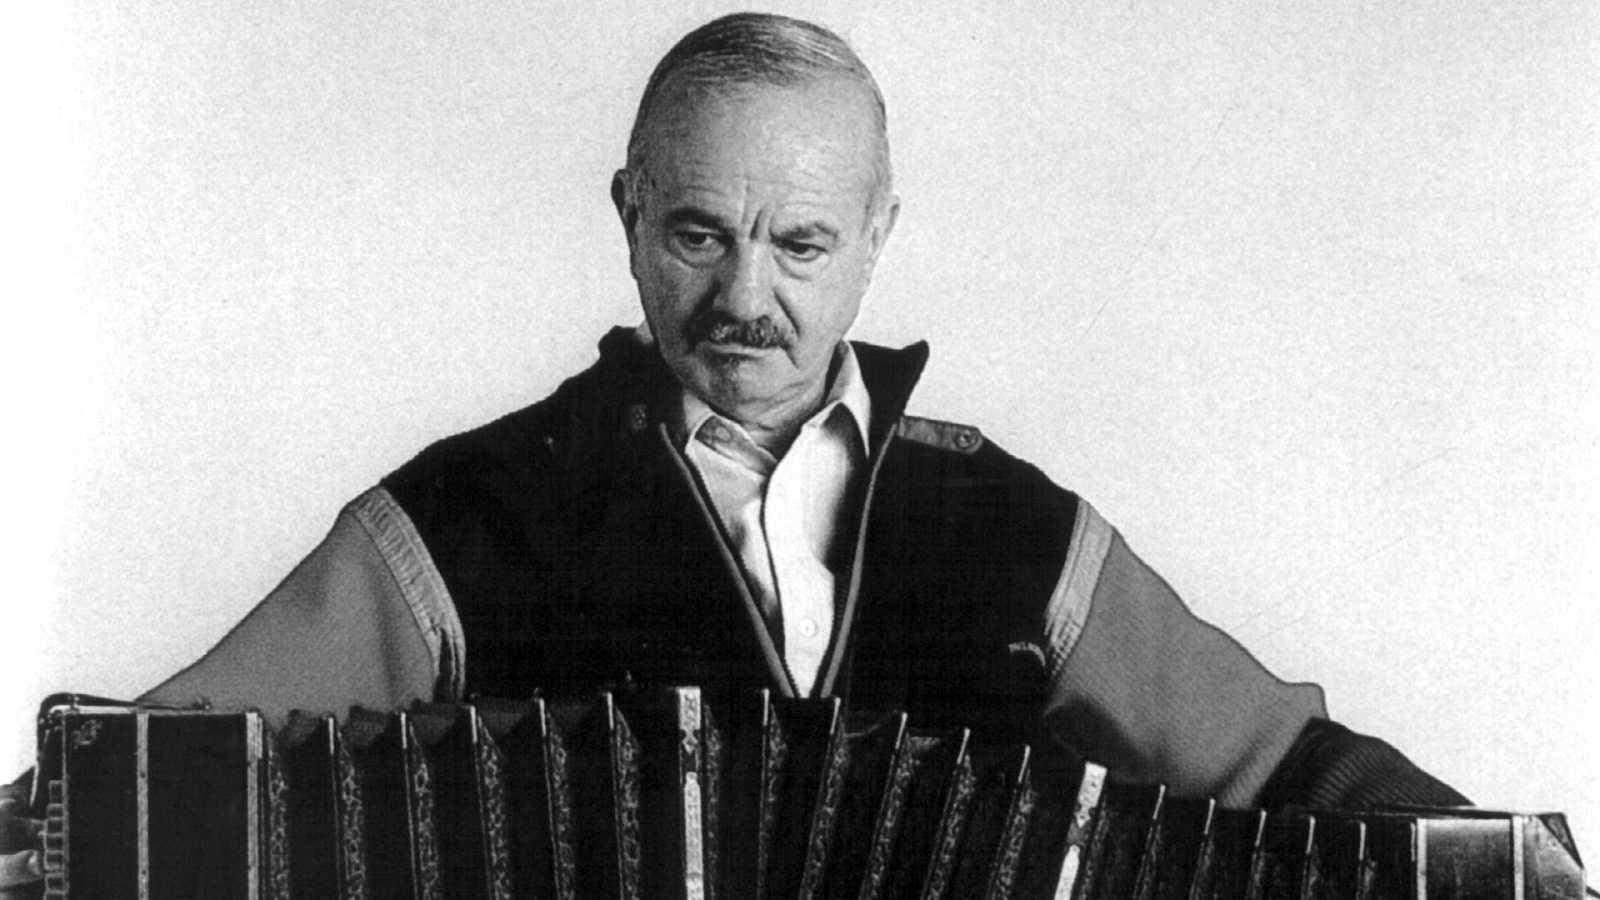 Hora América en Radio 5 - FIAS rinde homenaje a Astor Piazzolla y Ernesto Lecuona - 11/03/21 - Escuchar ahora